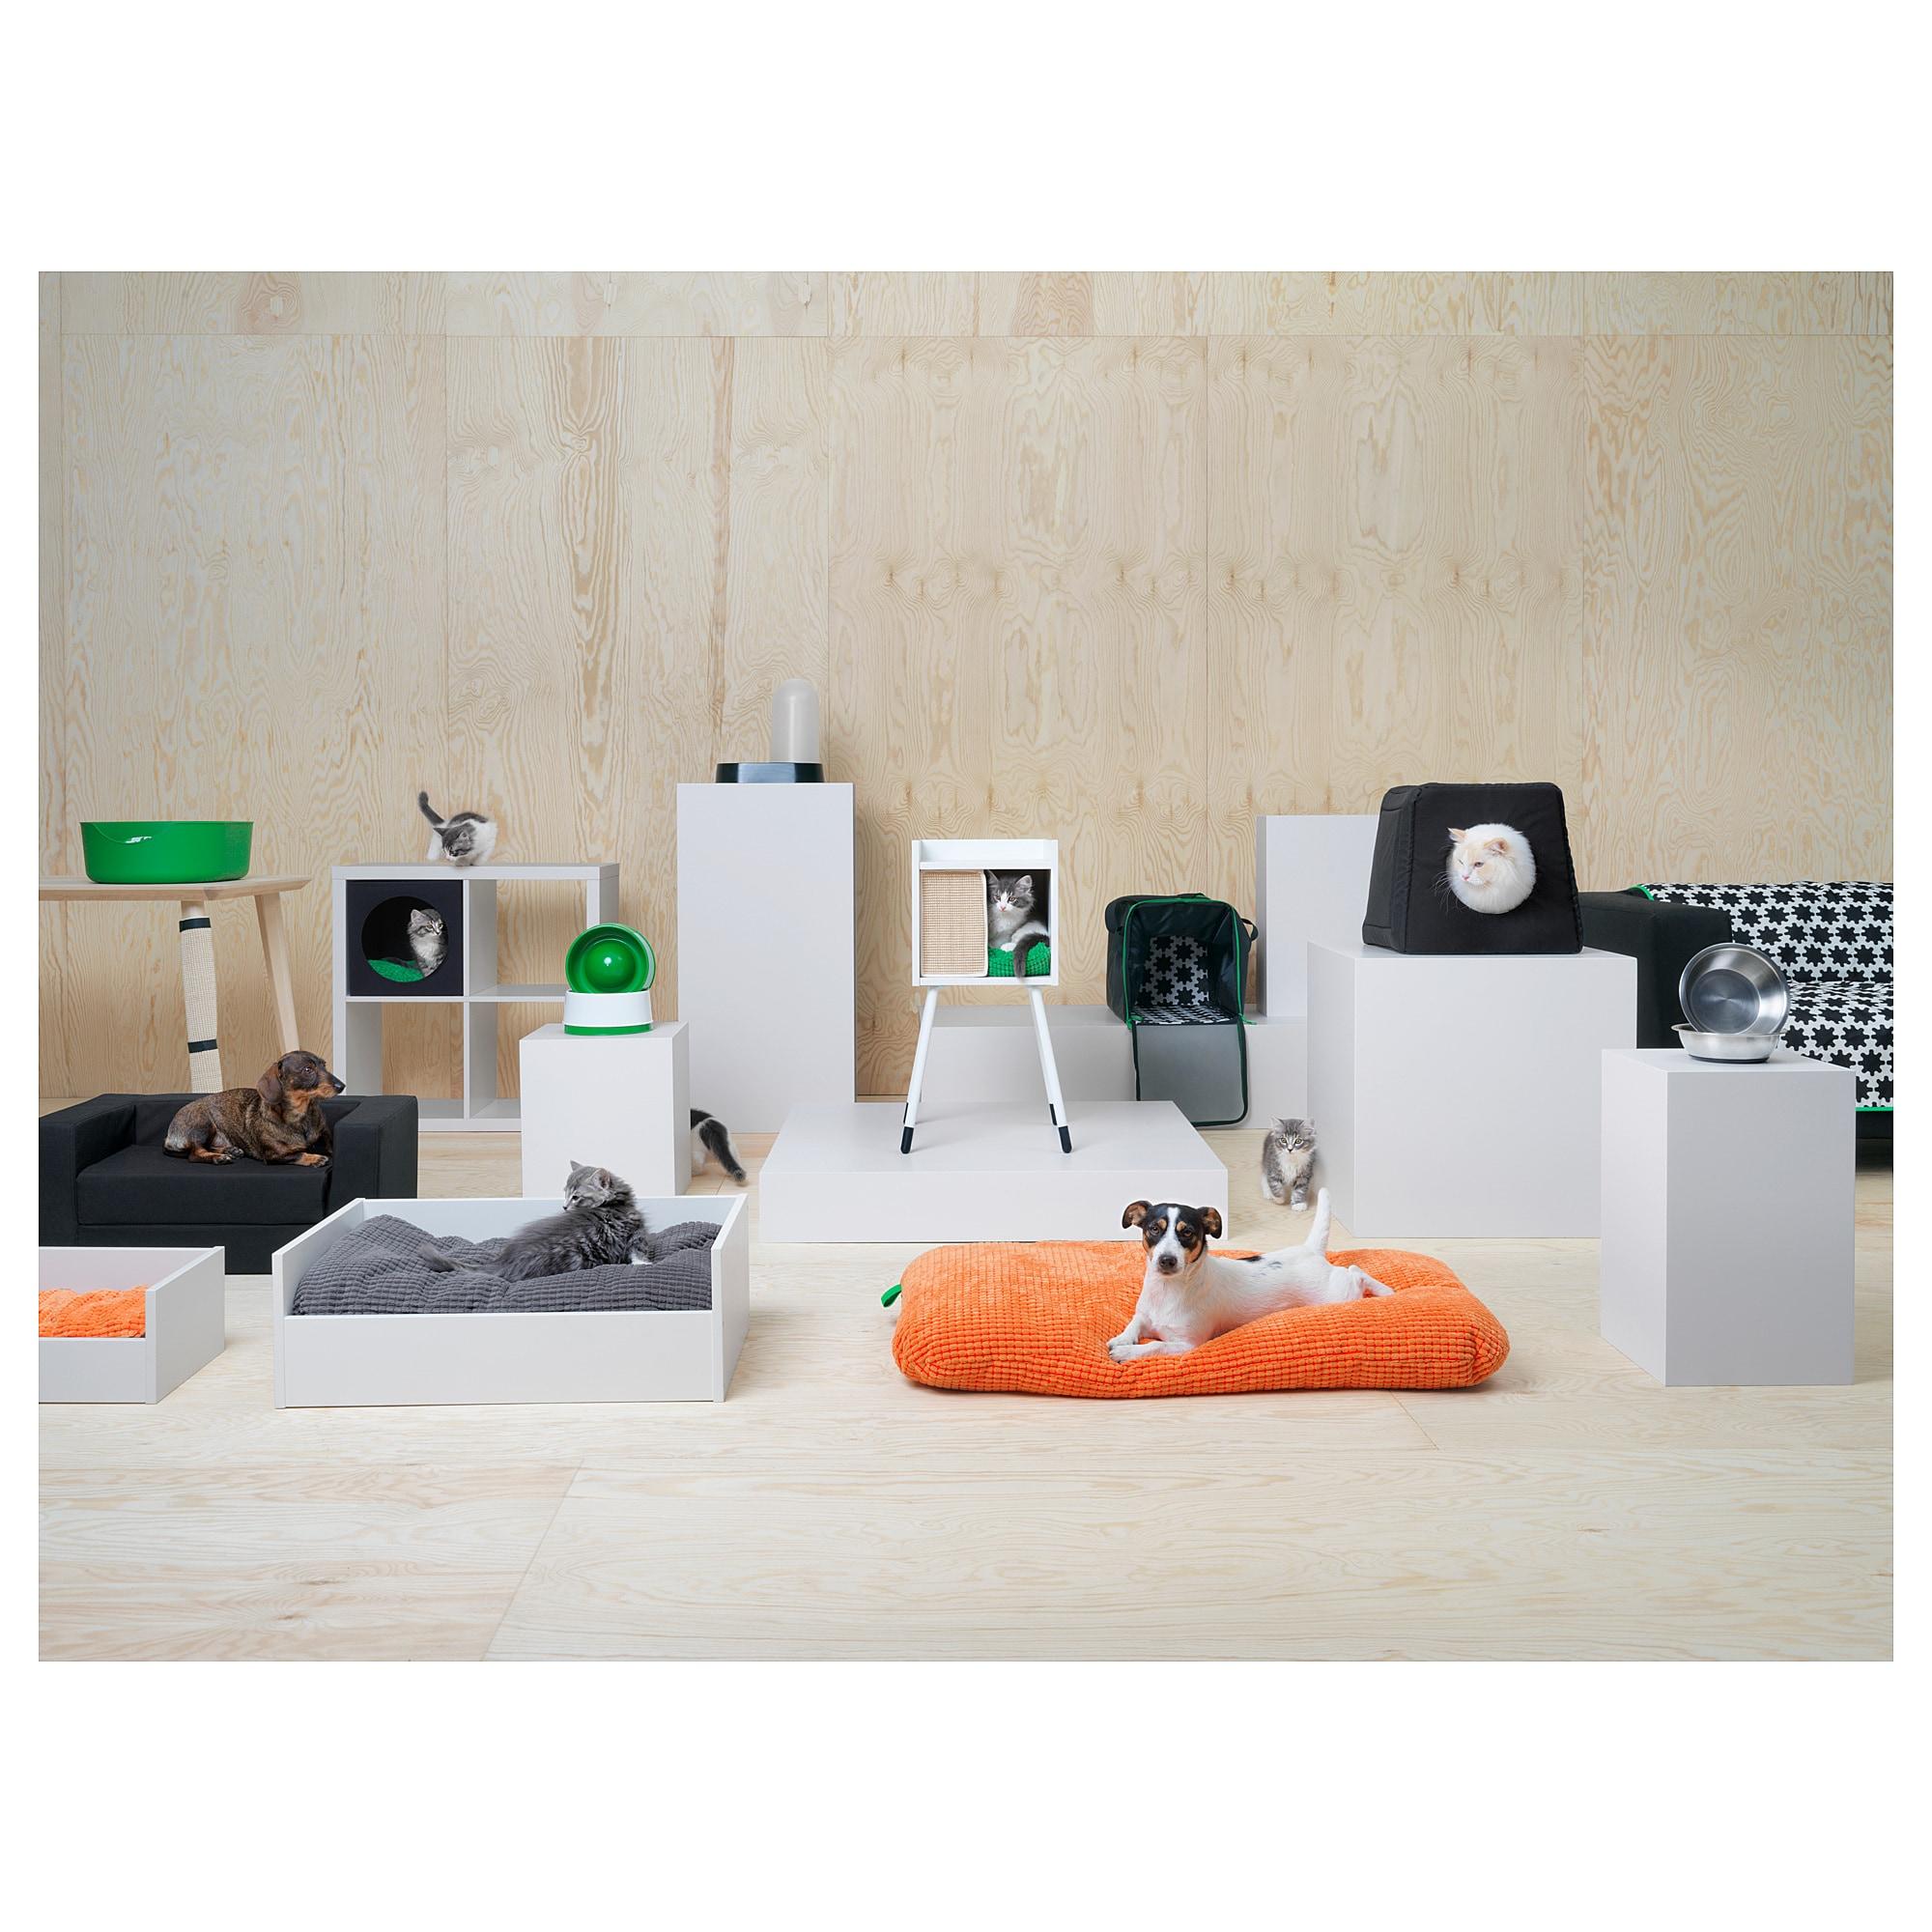 5d31d69947 Az IKEA berobbant a házikedvenc-bizniszbe